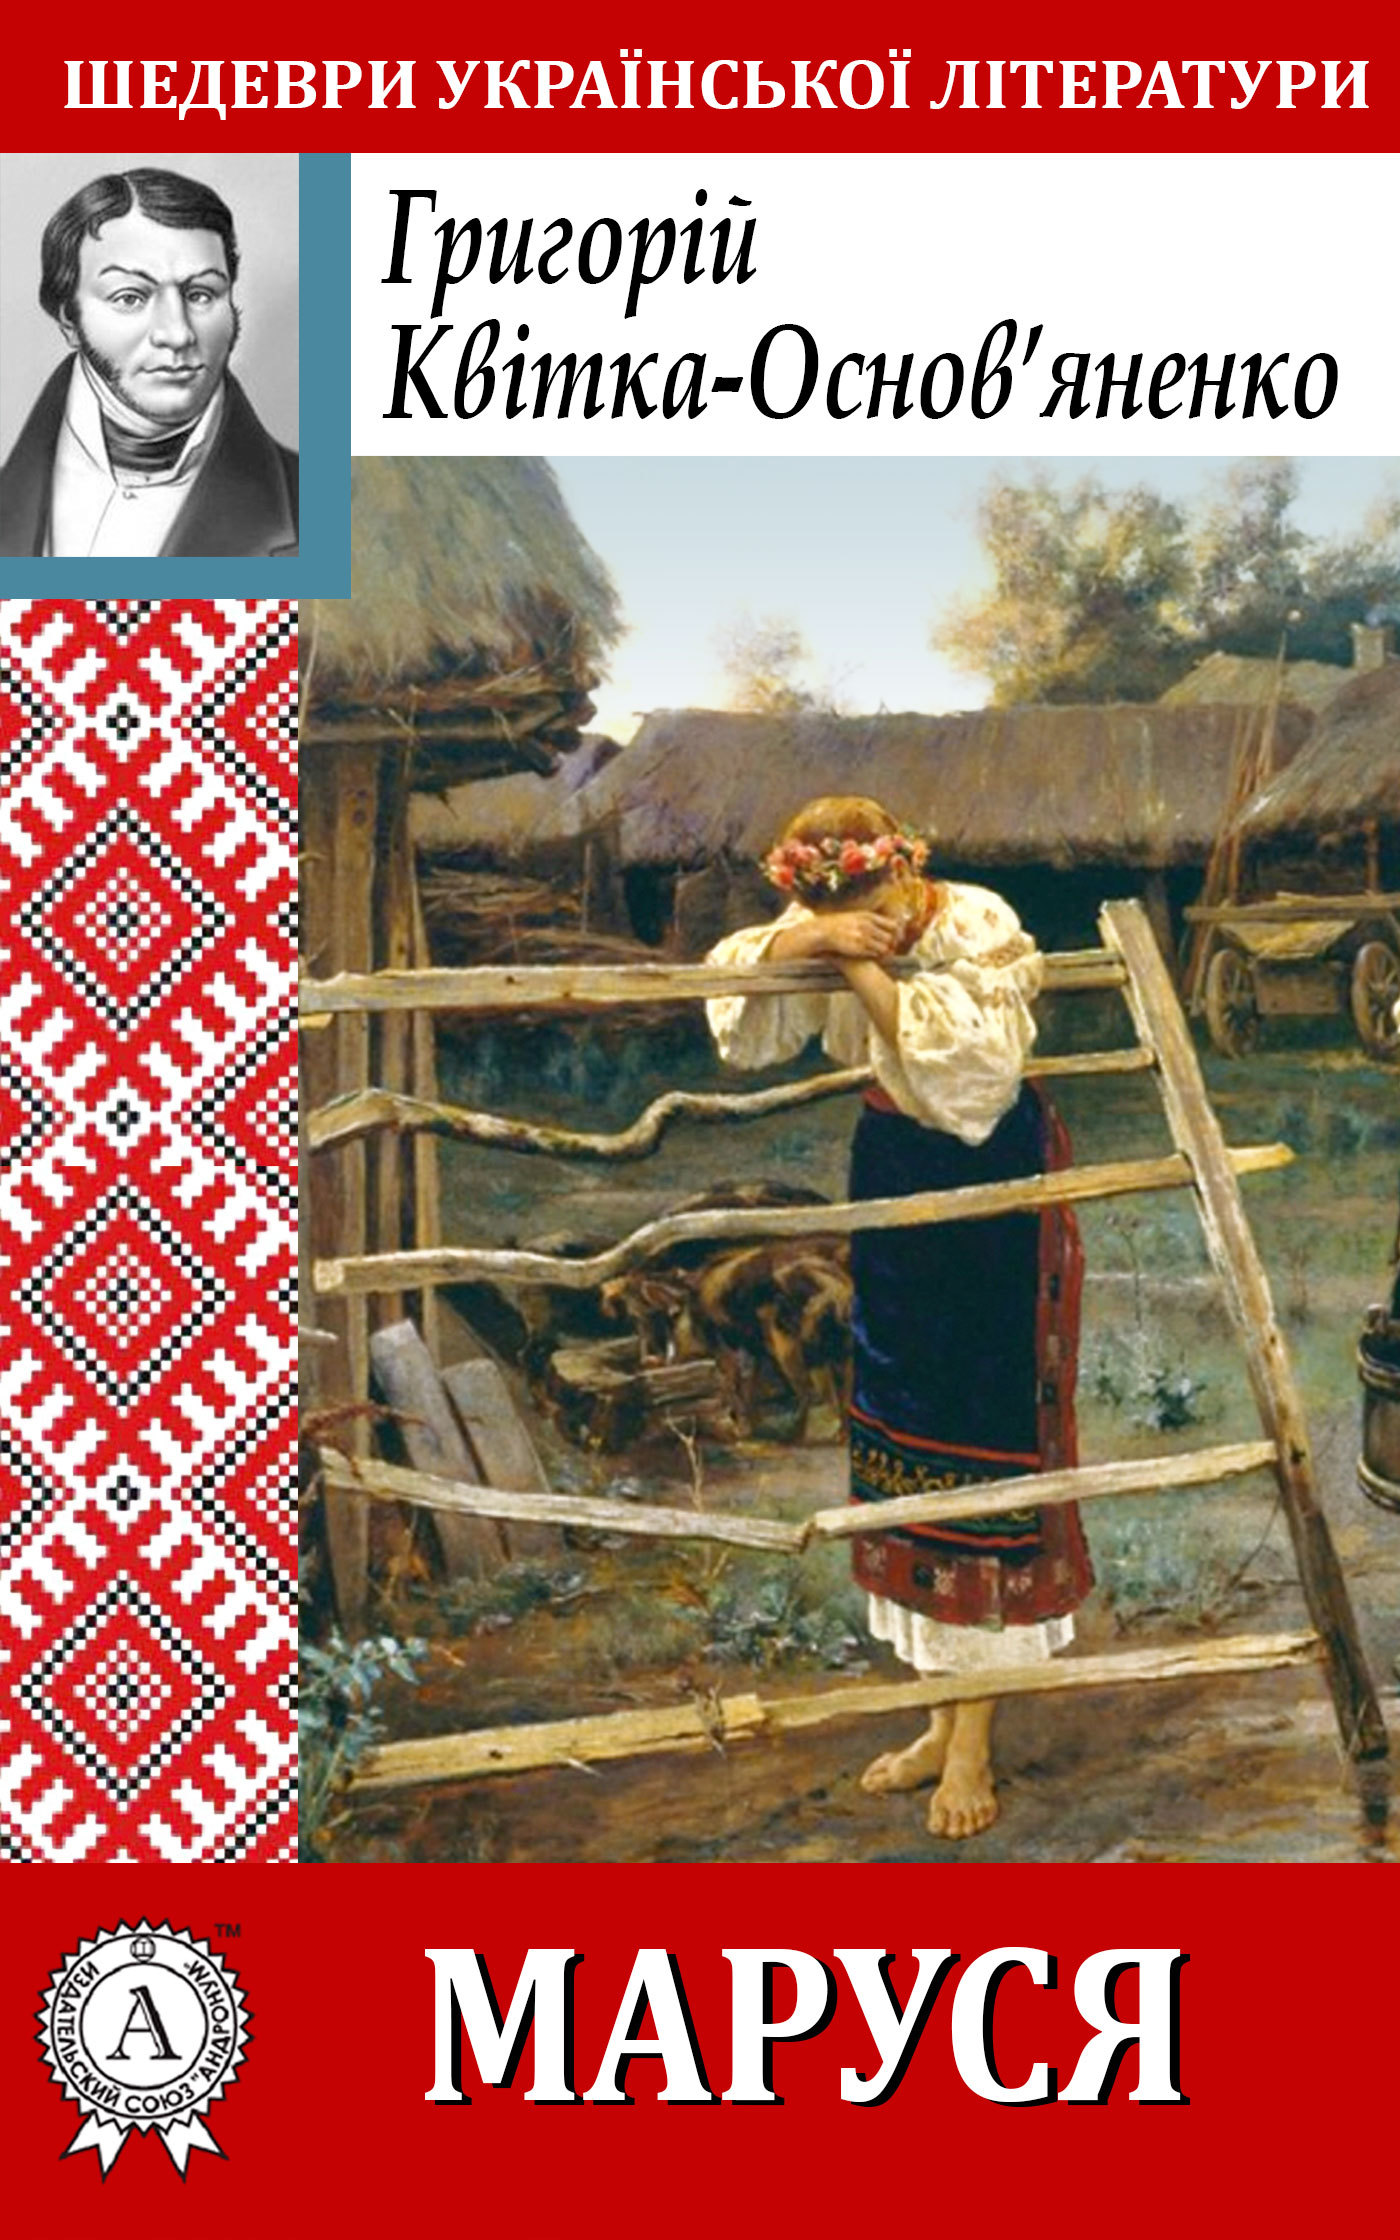 Григорій Квітка-Основ'яненко Маруся григорій квітка основ'яненко салдацький патрет